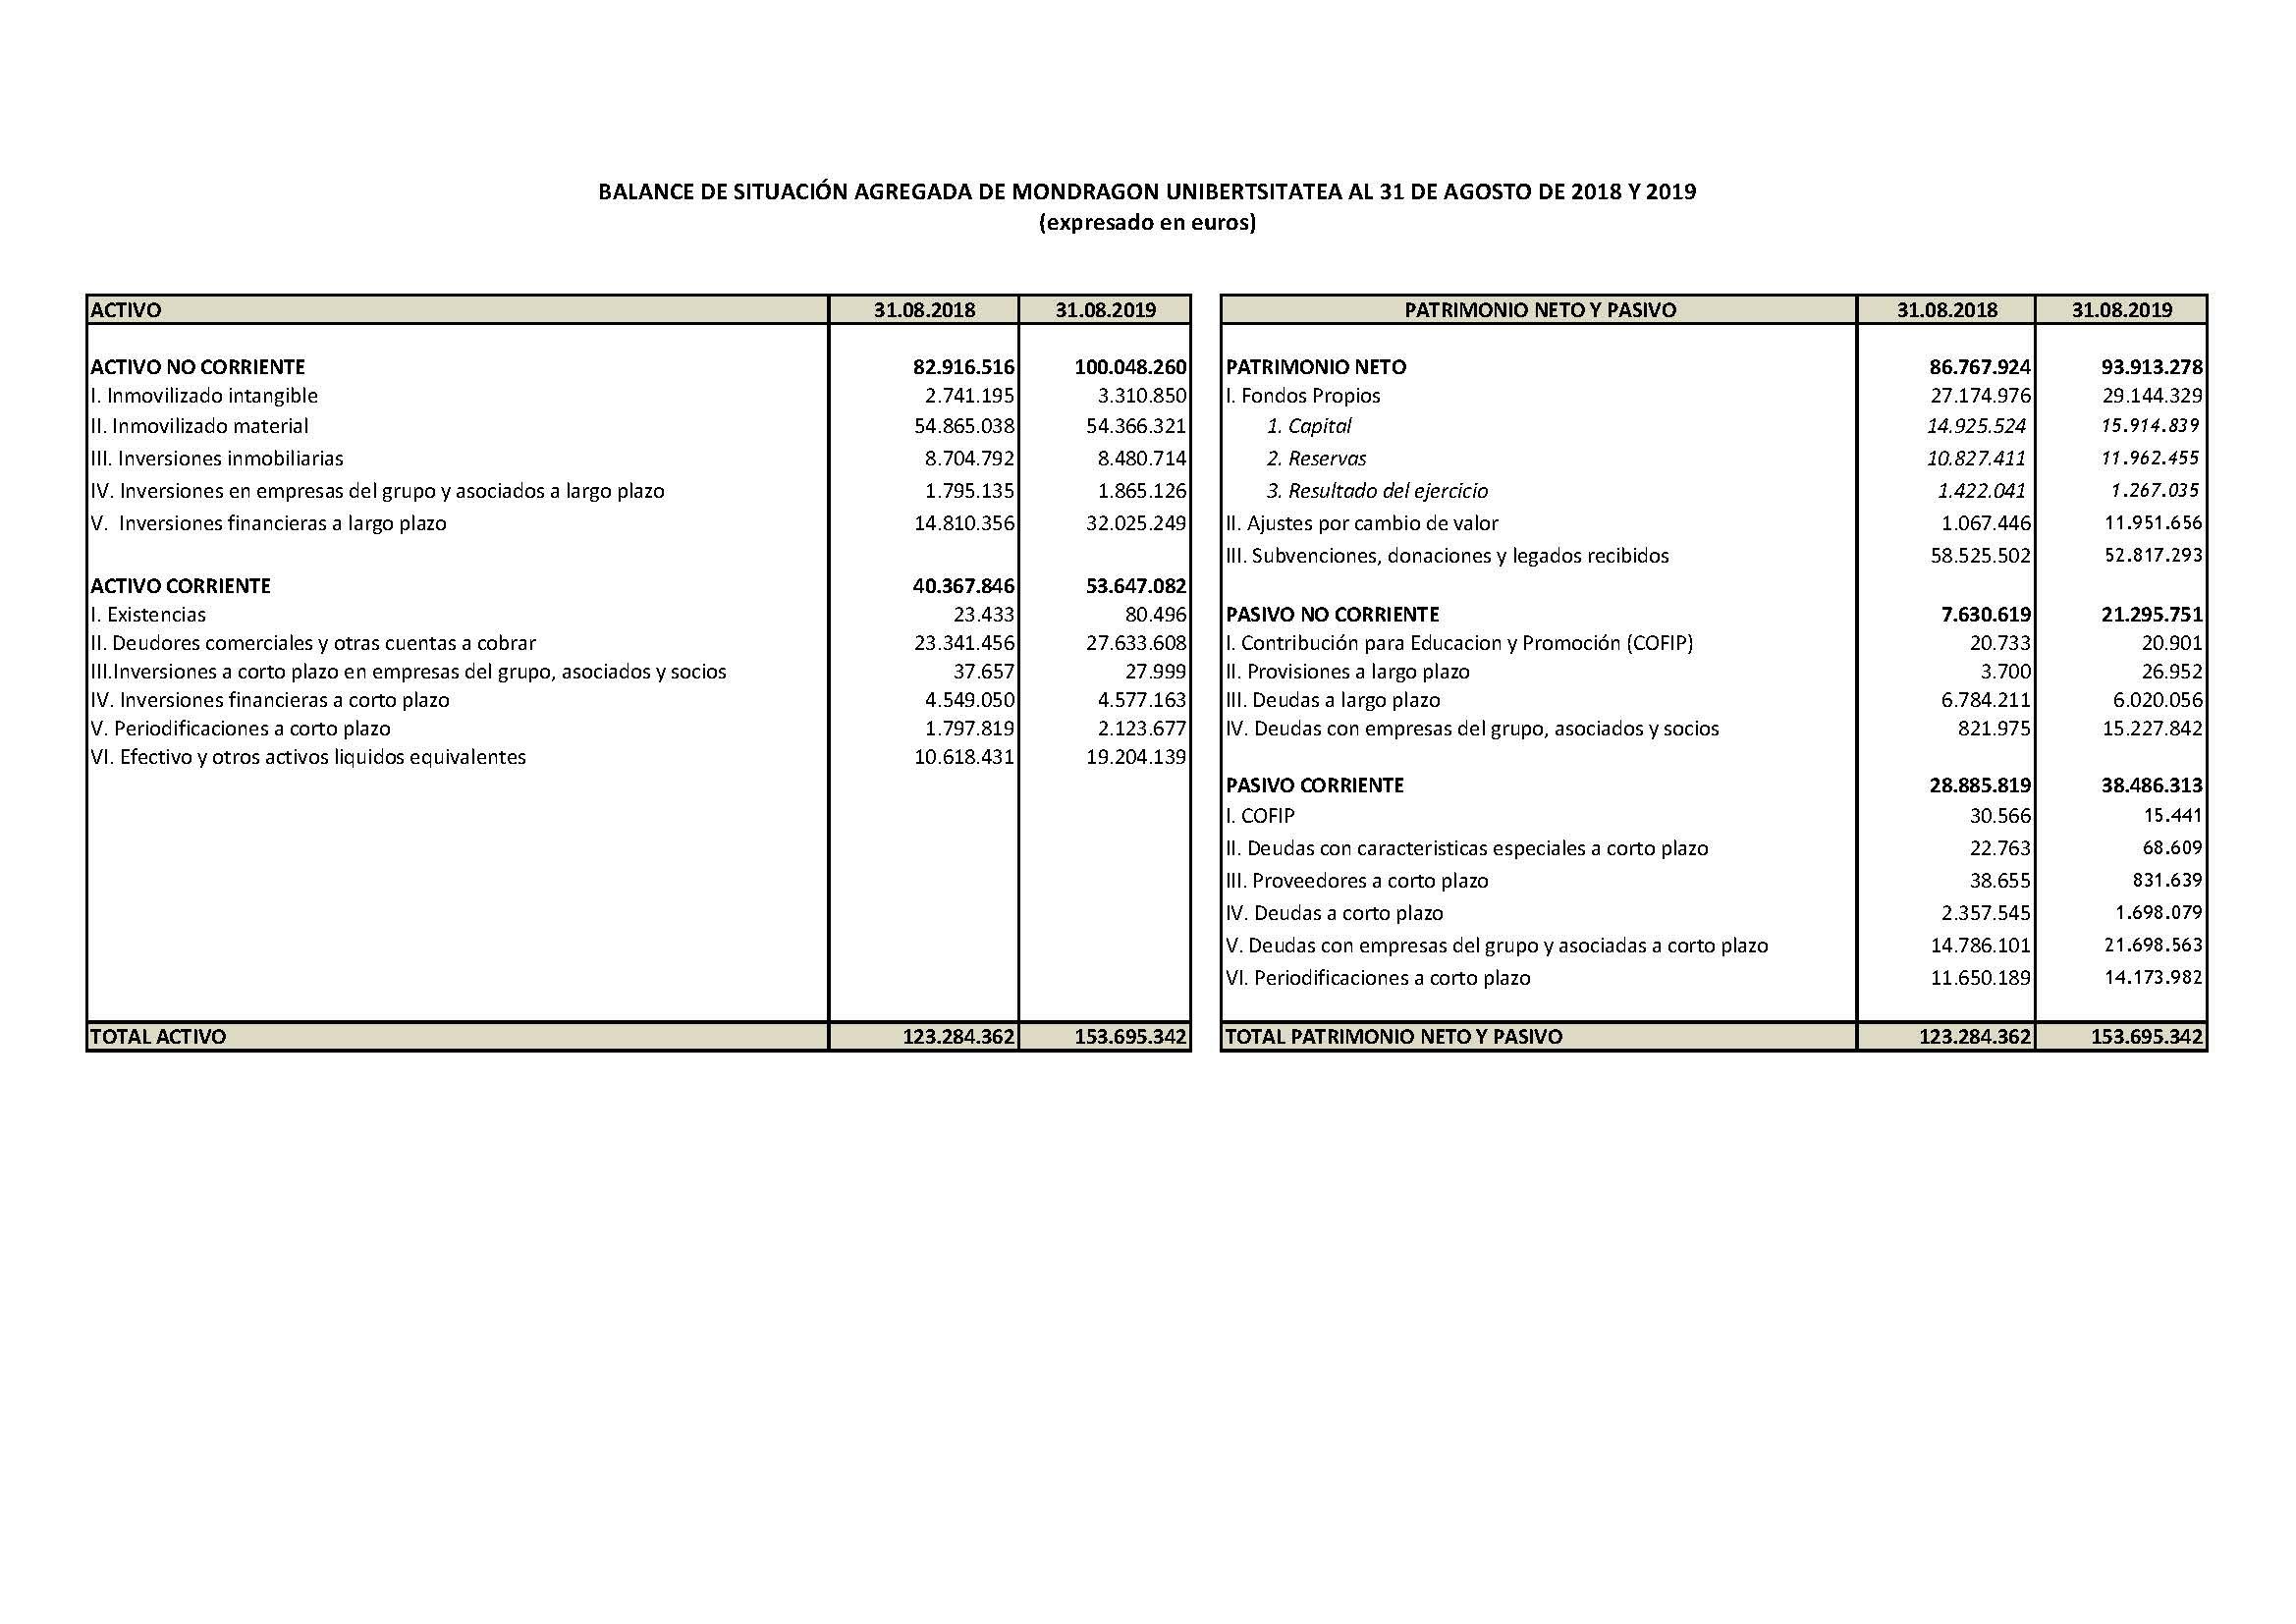 Financial Statements | Financial Statements Balance And Income Statement Mondragon